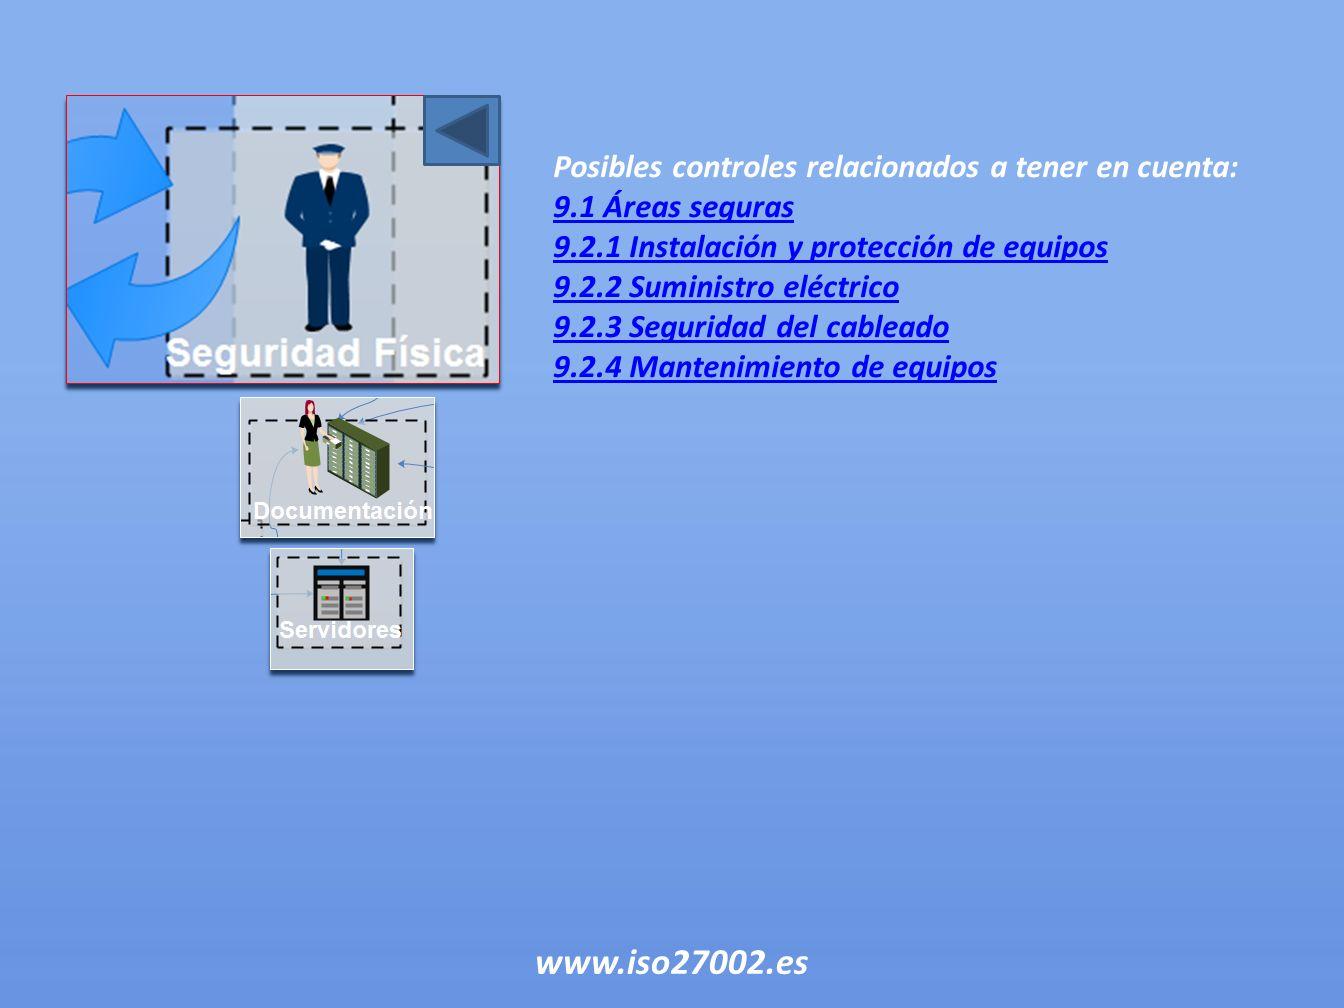 Posibles controles relacionados a tener en cuenta: 9.1 Áreas seguras 9.2.1 Instalación y protección de equipos 9.2.2 Suministro eléctrico 9.2.3 Seguri